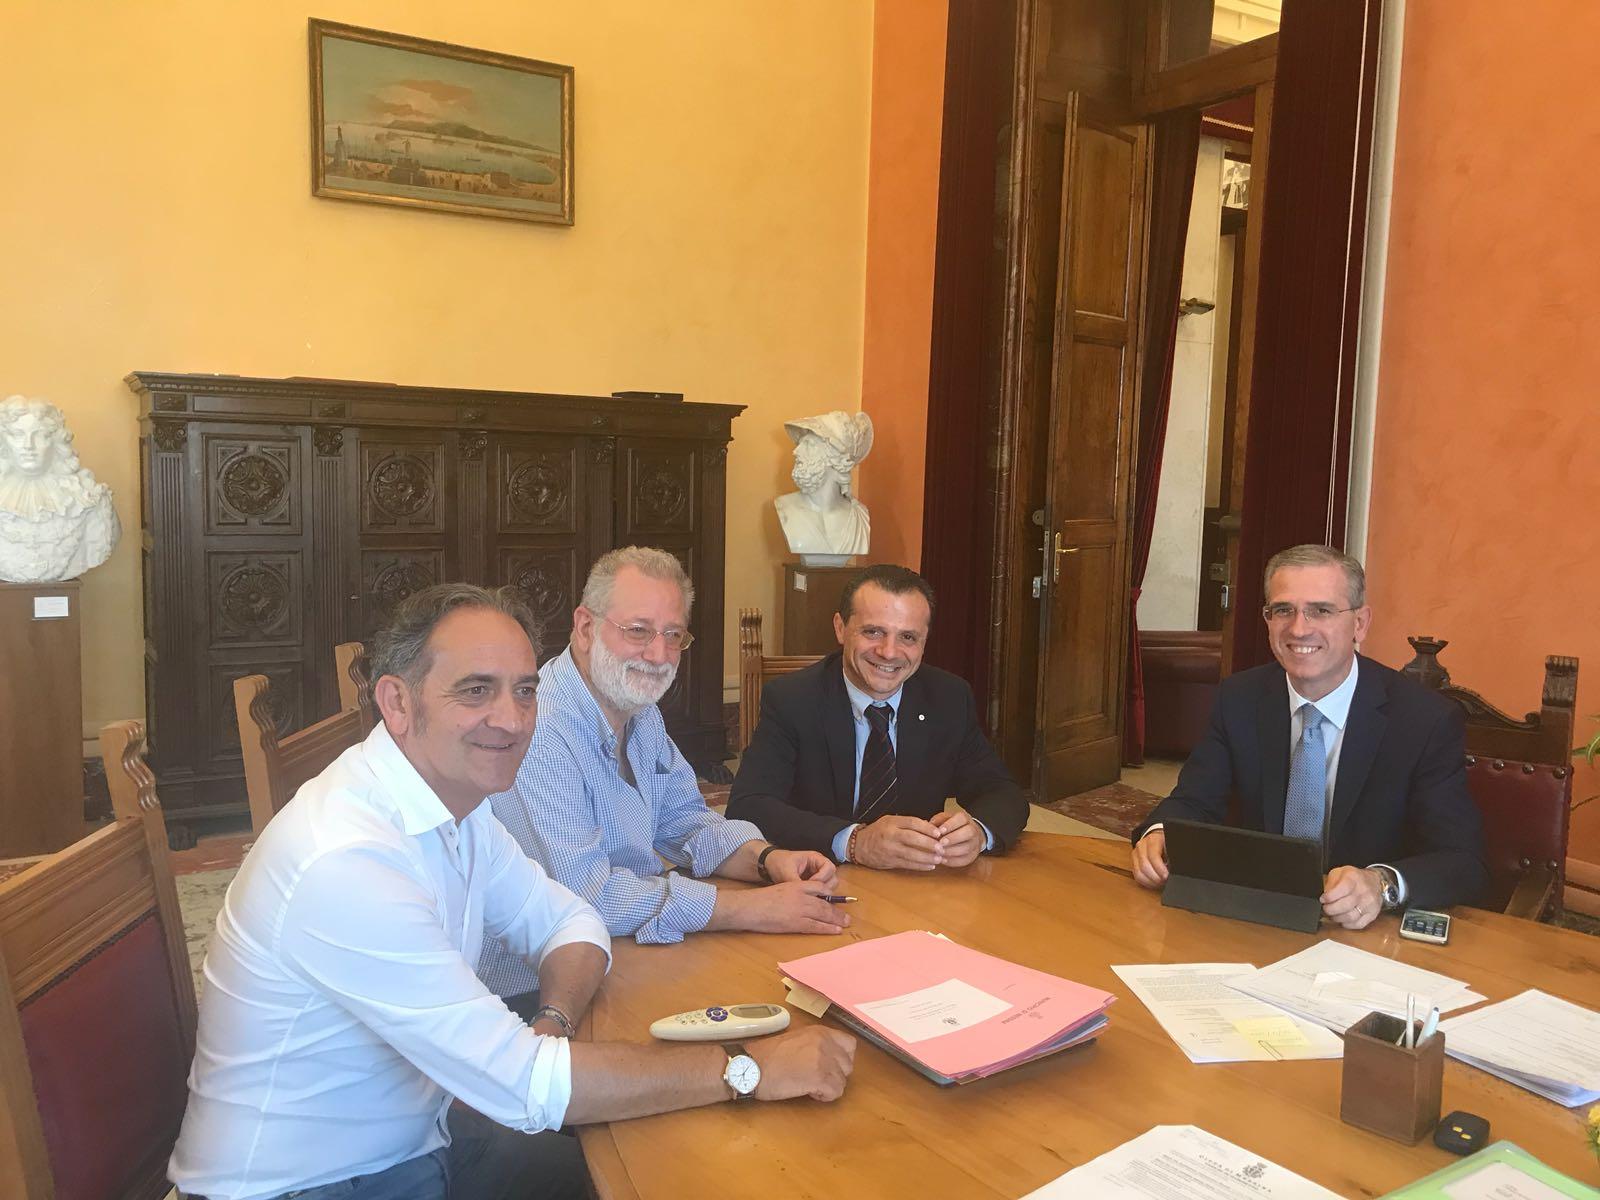 Infrastrutture della Città Metropolitana di Messina, incontro Assessore regionale Falcone e Sindaco metropolitano